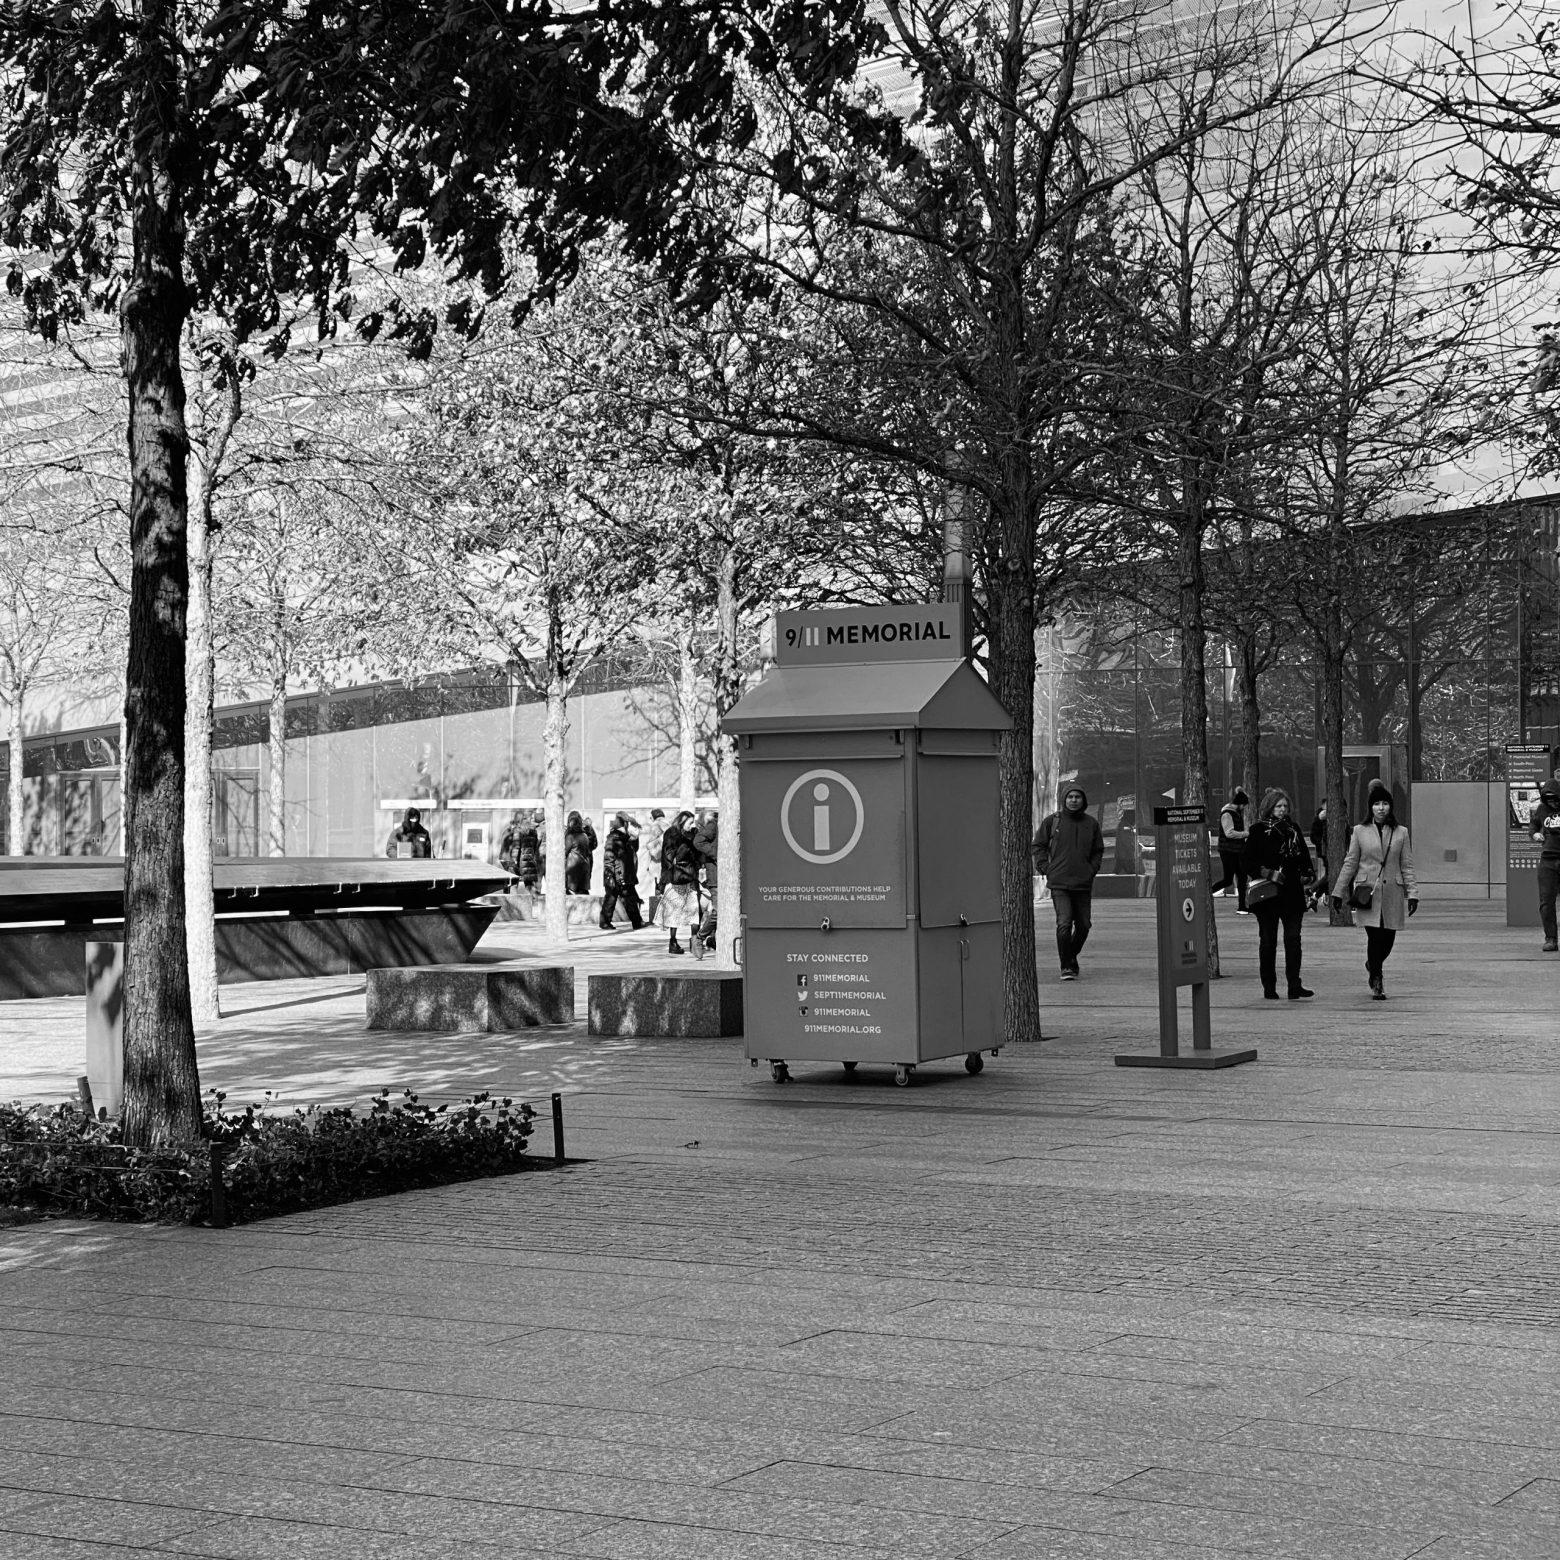 Observed: Memorial Kiosk